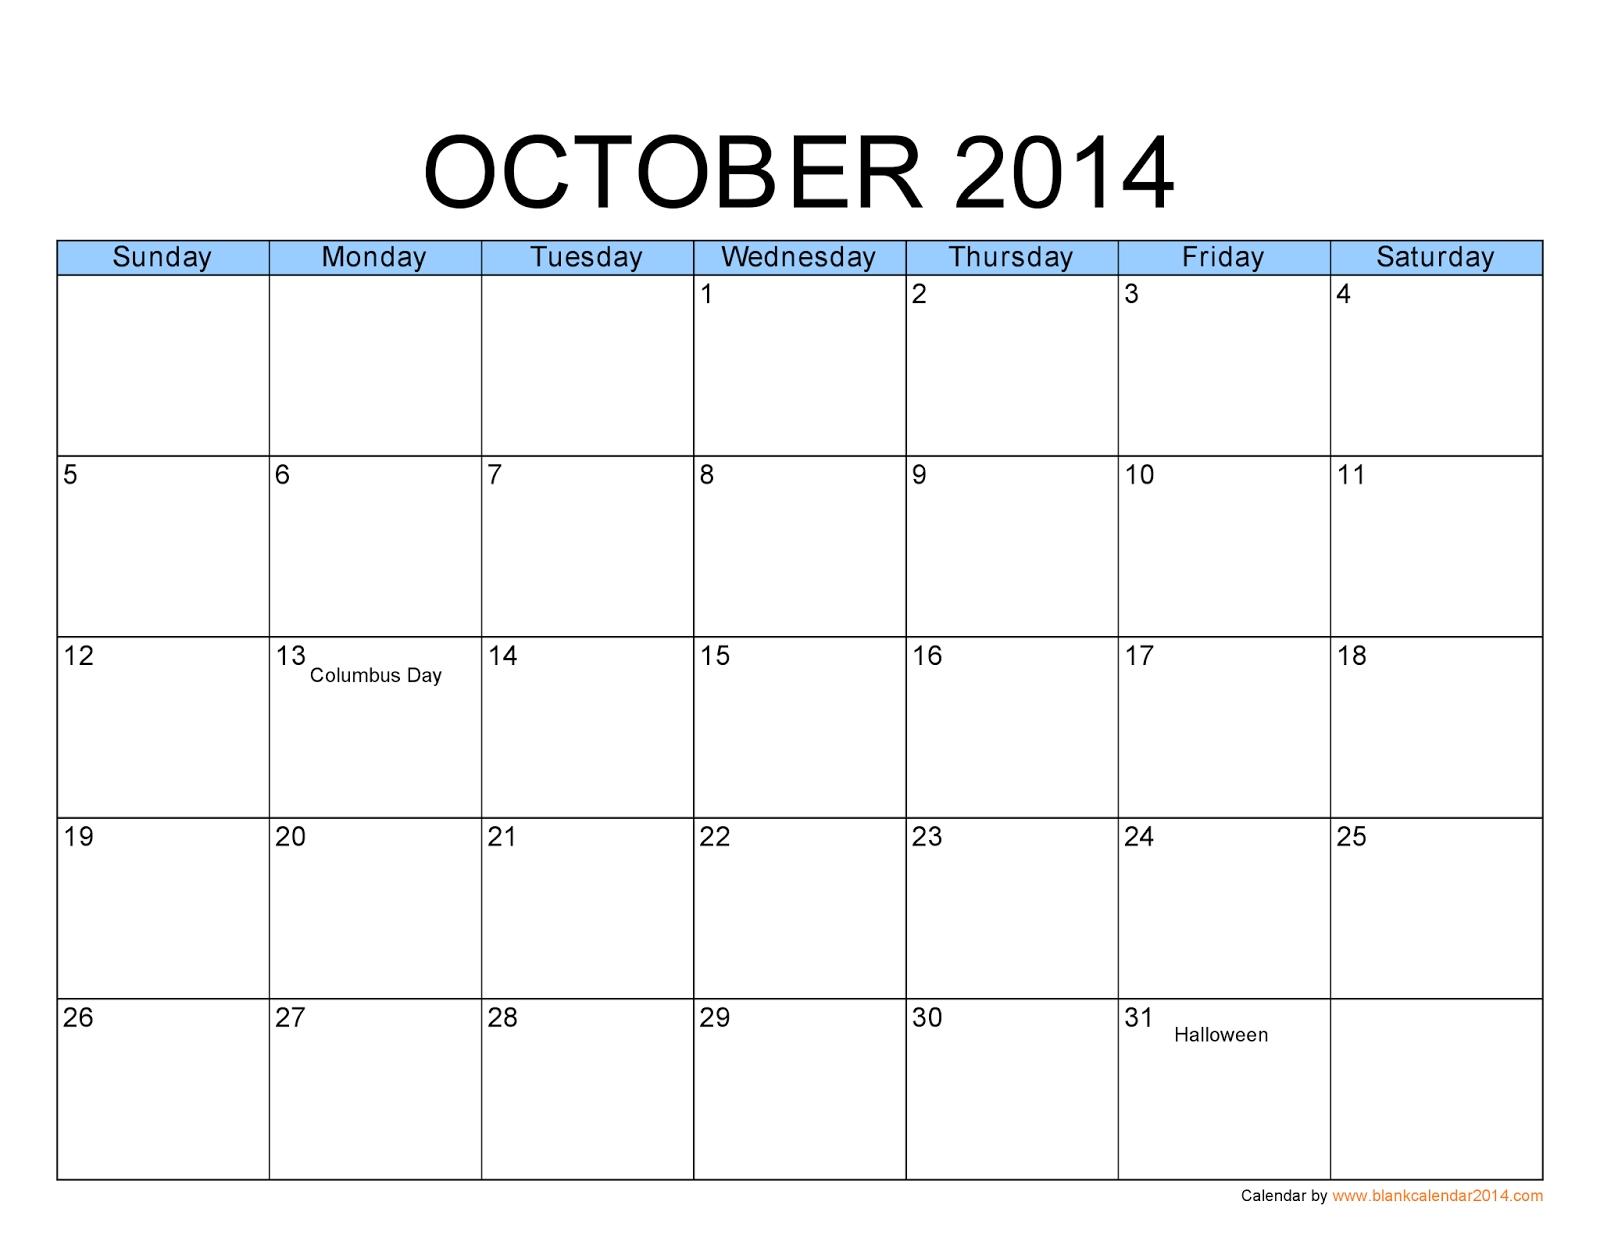 free printable calendar 2014: october 2014 calendar